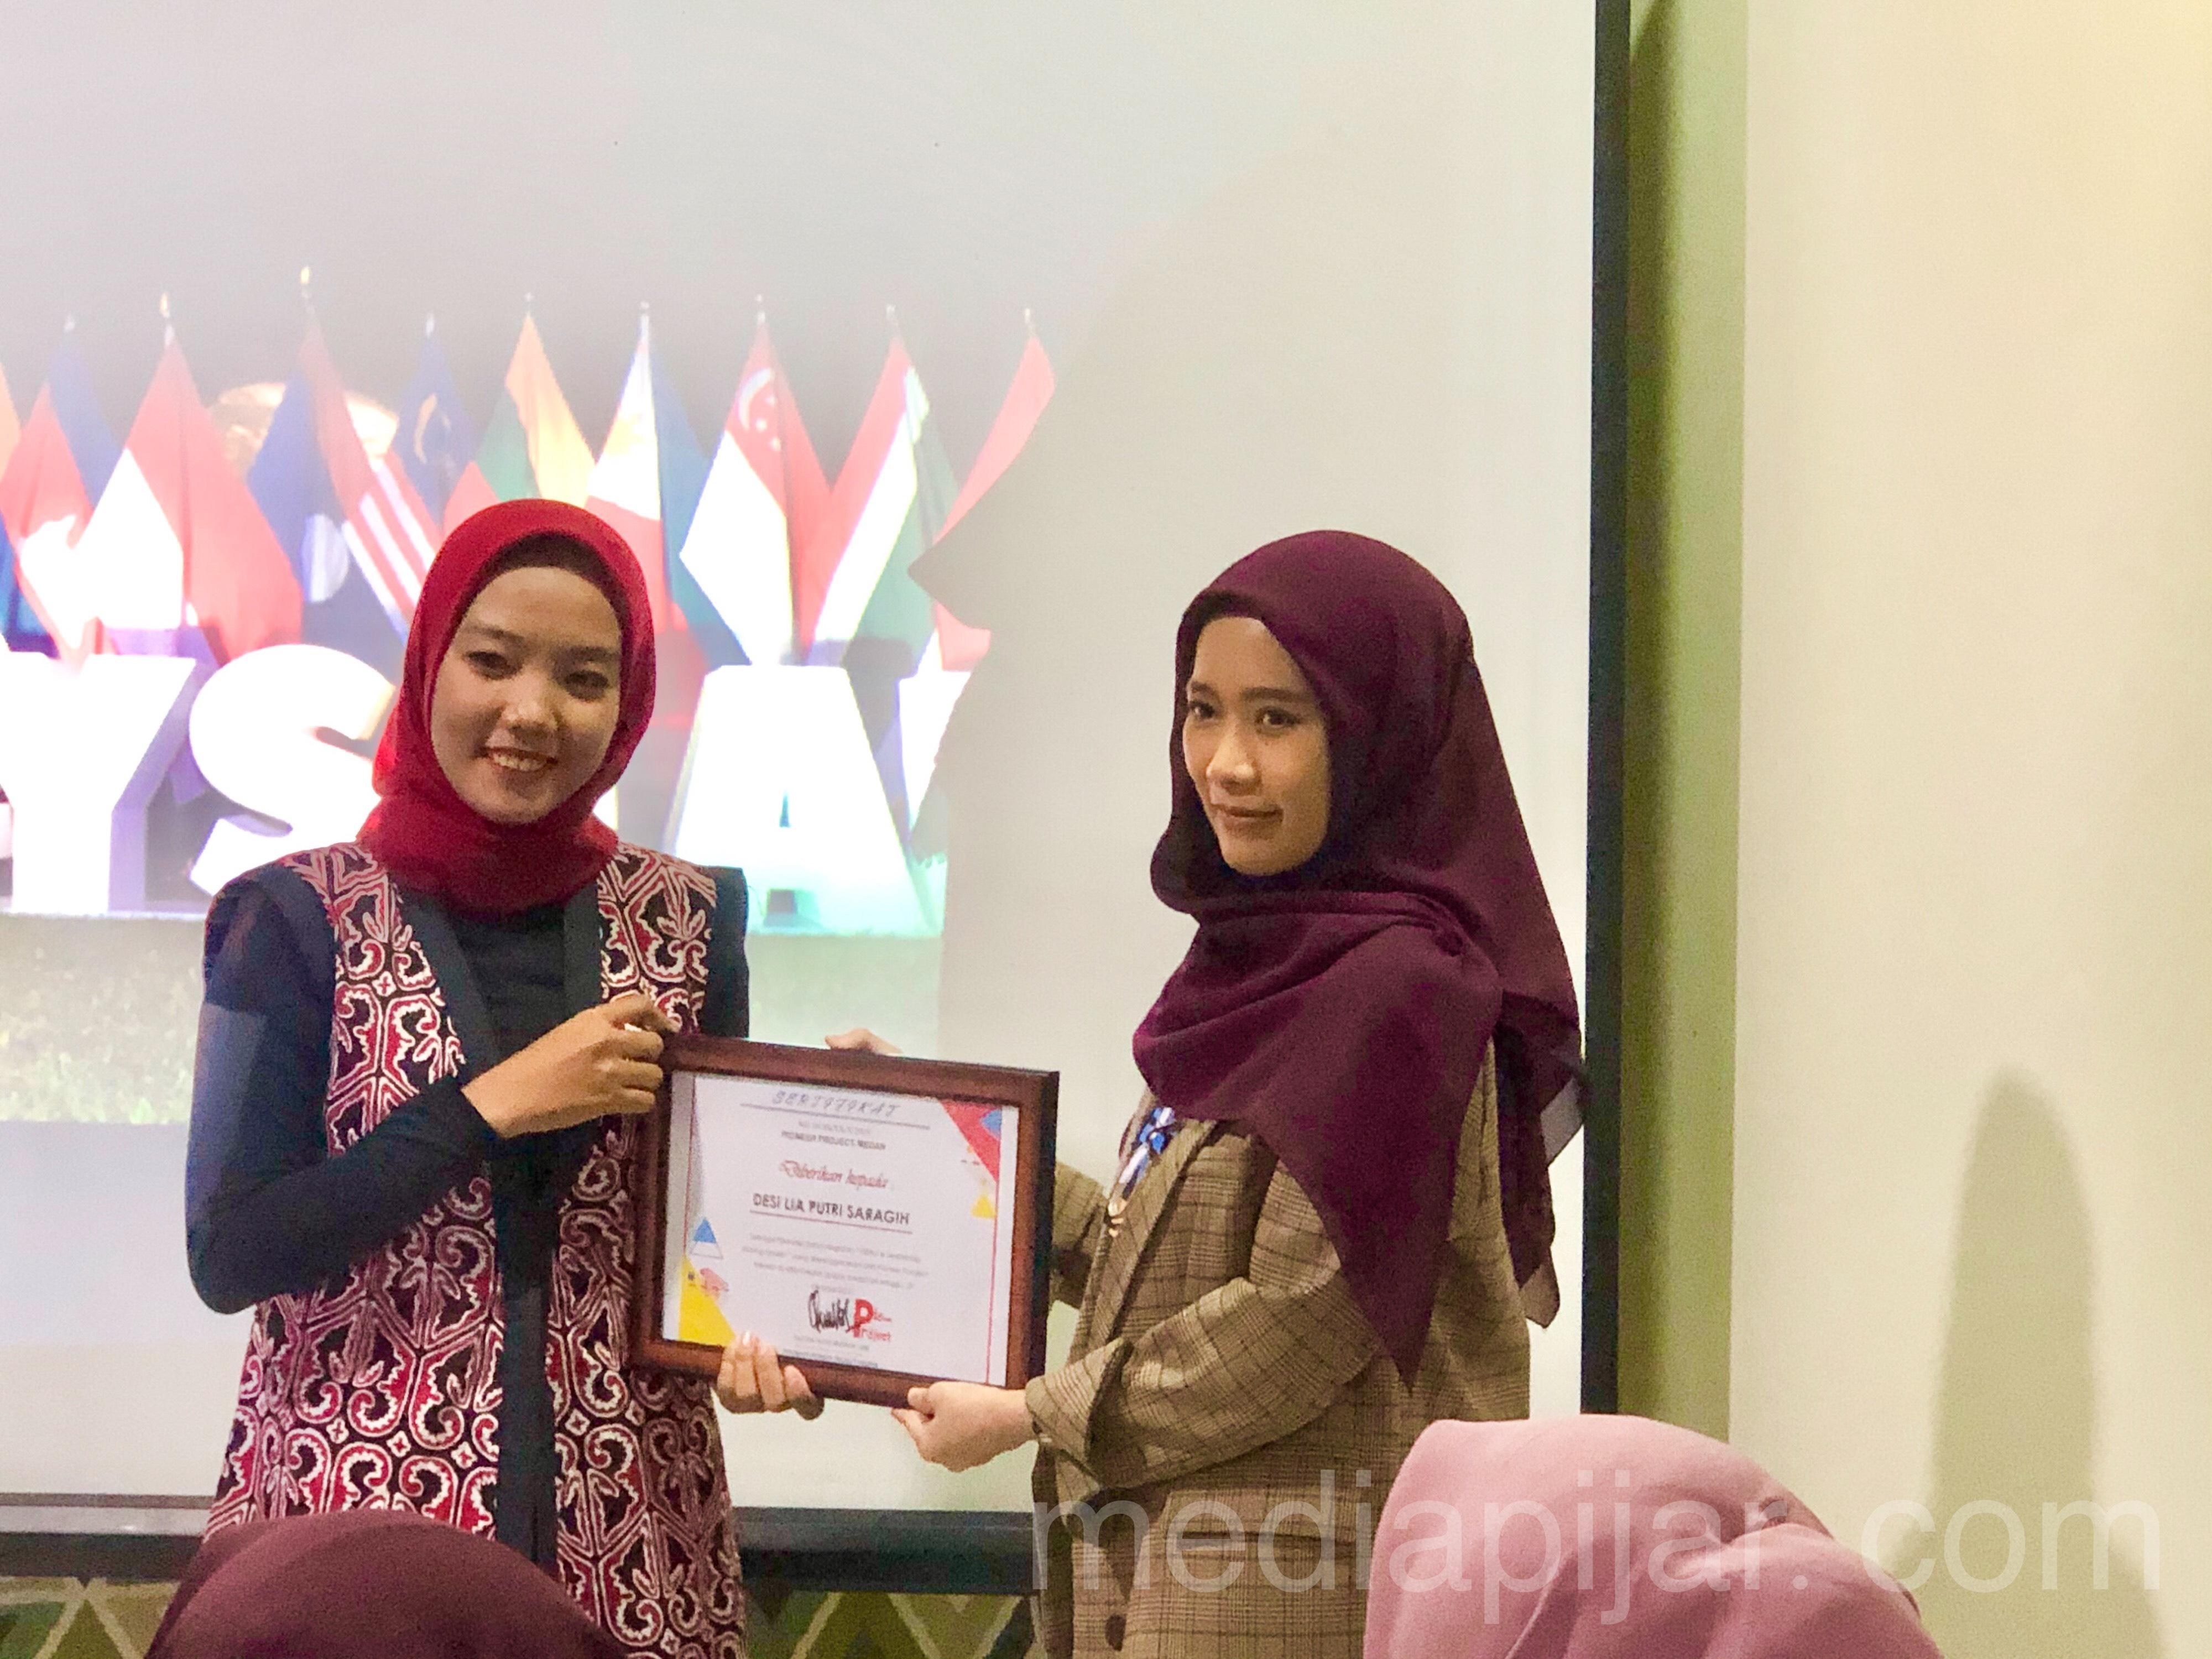 Wujud terima kasih Pioneer Project Medan kepada Desi Lia Putri Saragih dalam kegiatan Leadership Sharing Session pada Minggu (20/10) Fotografer: Frans Dicky Naibaho